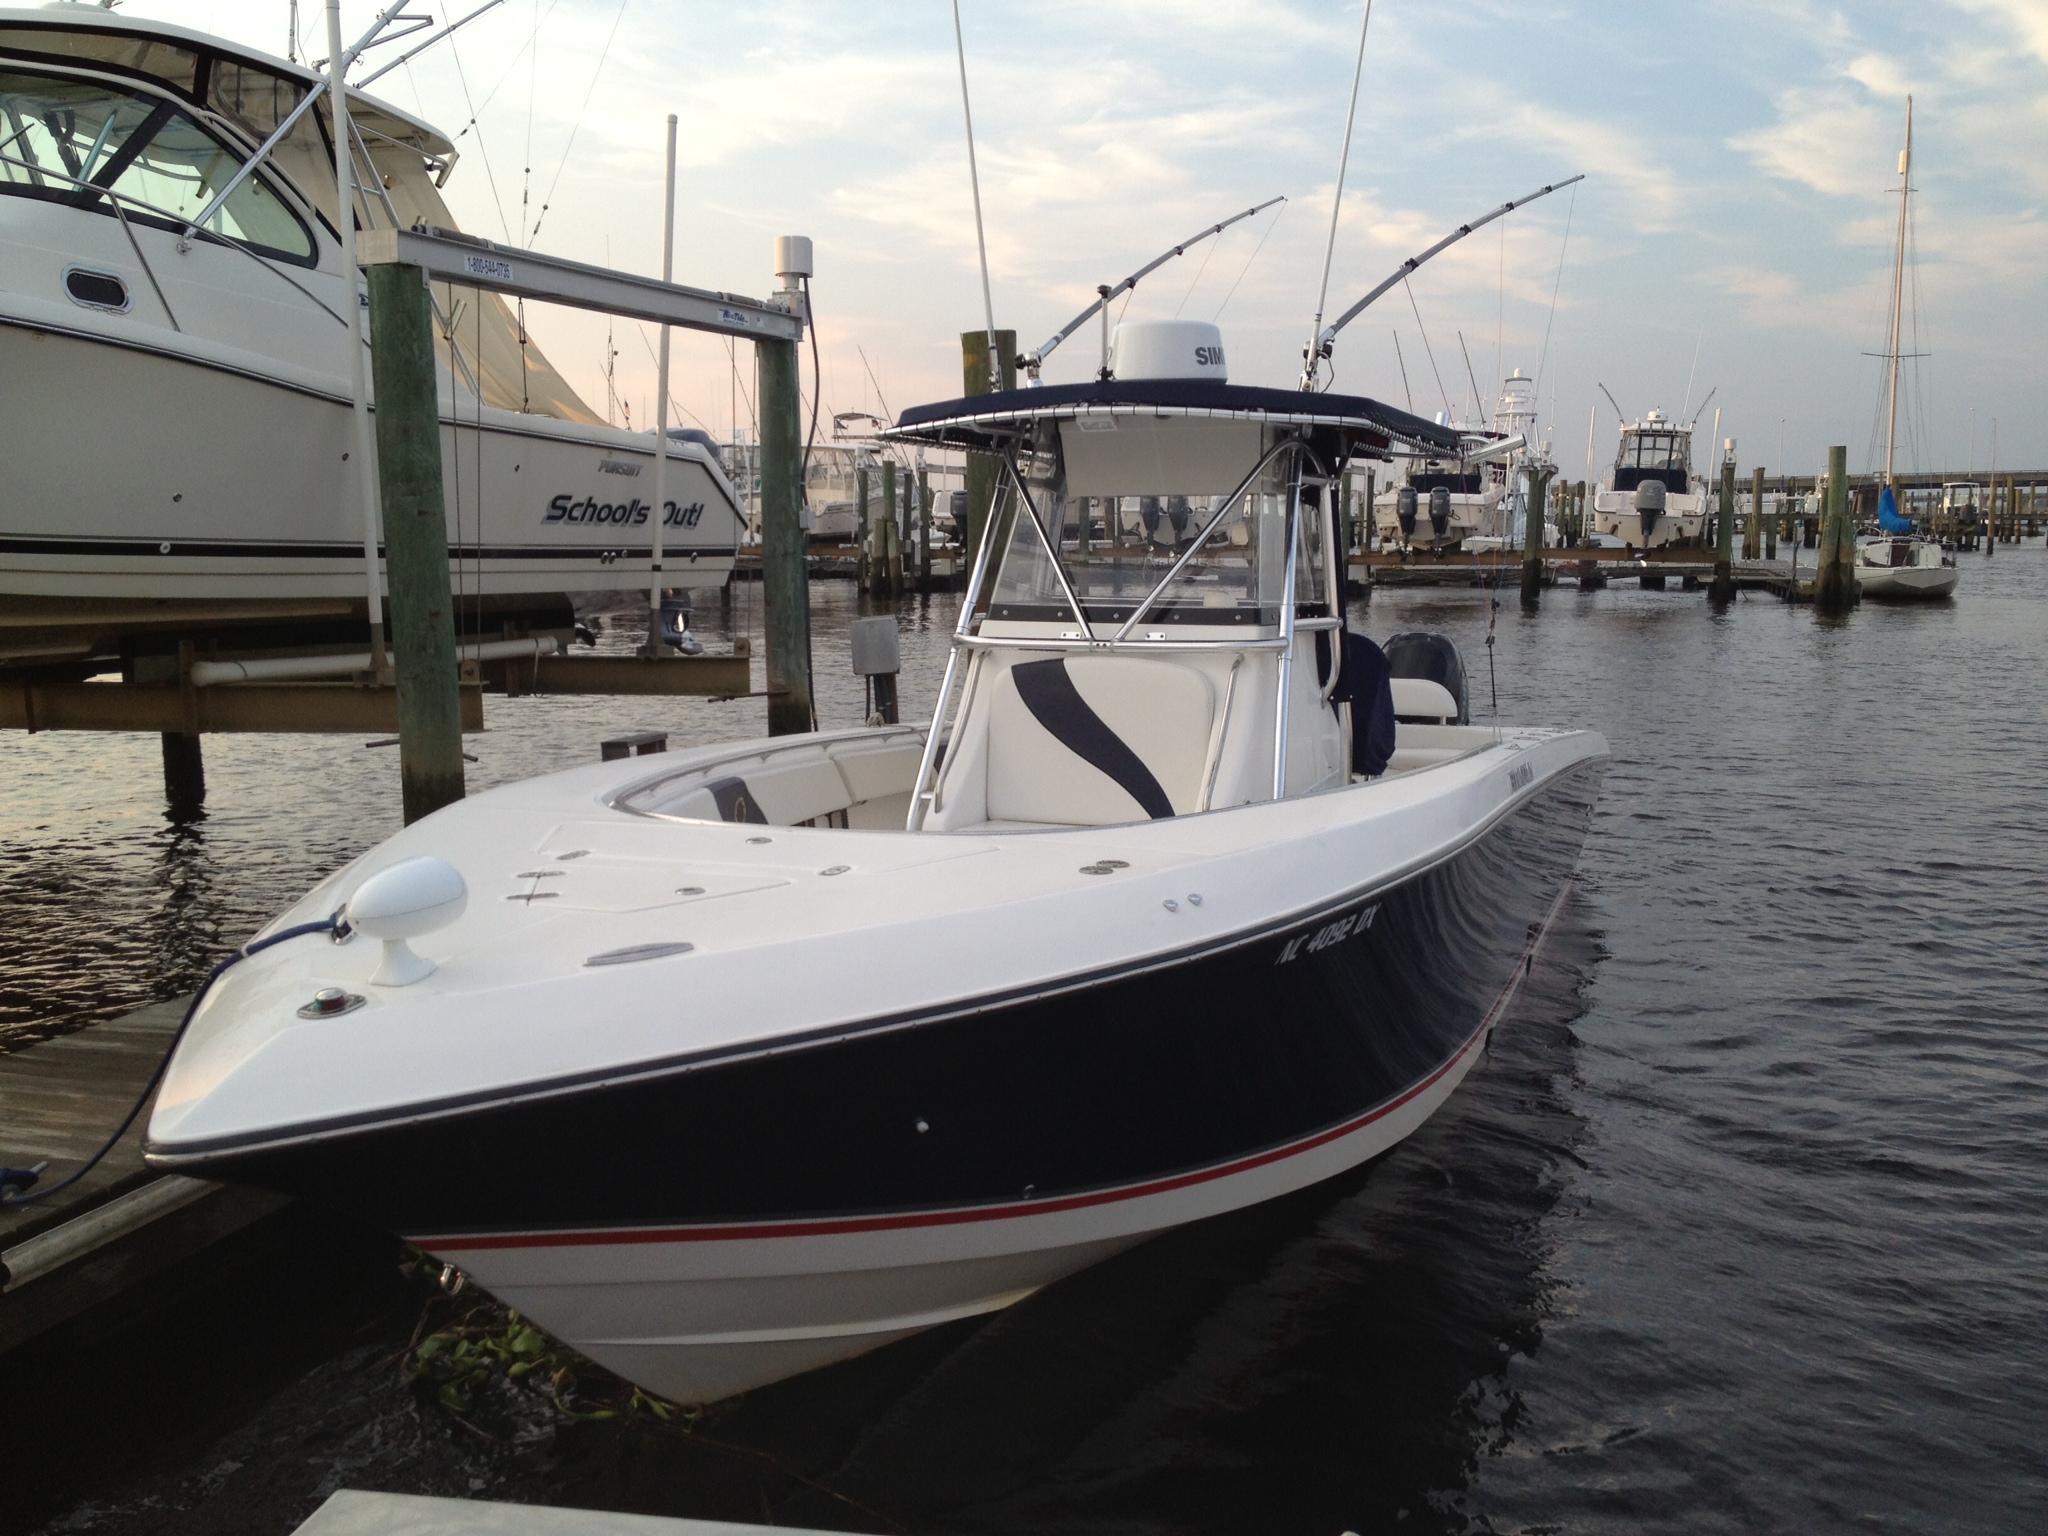 Verado's Boat